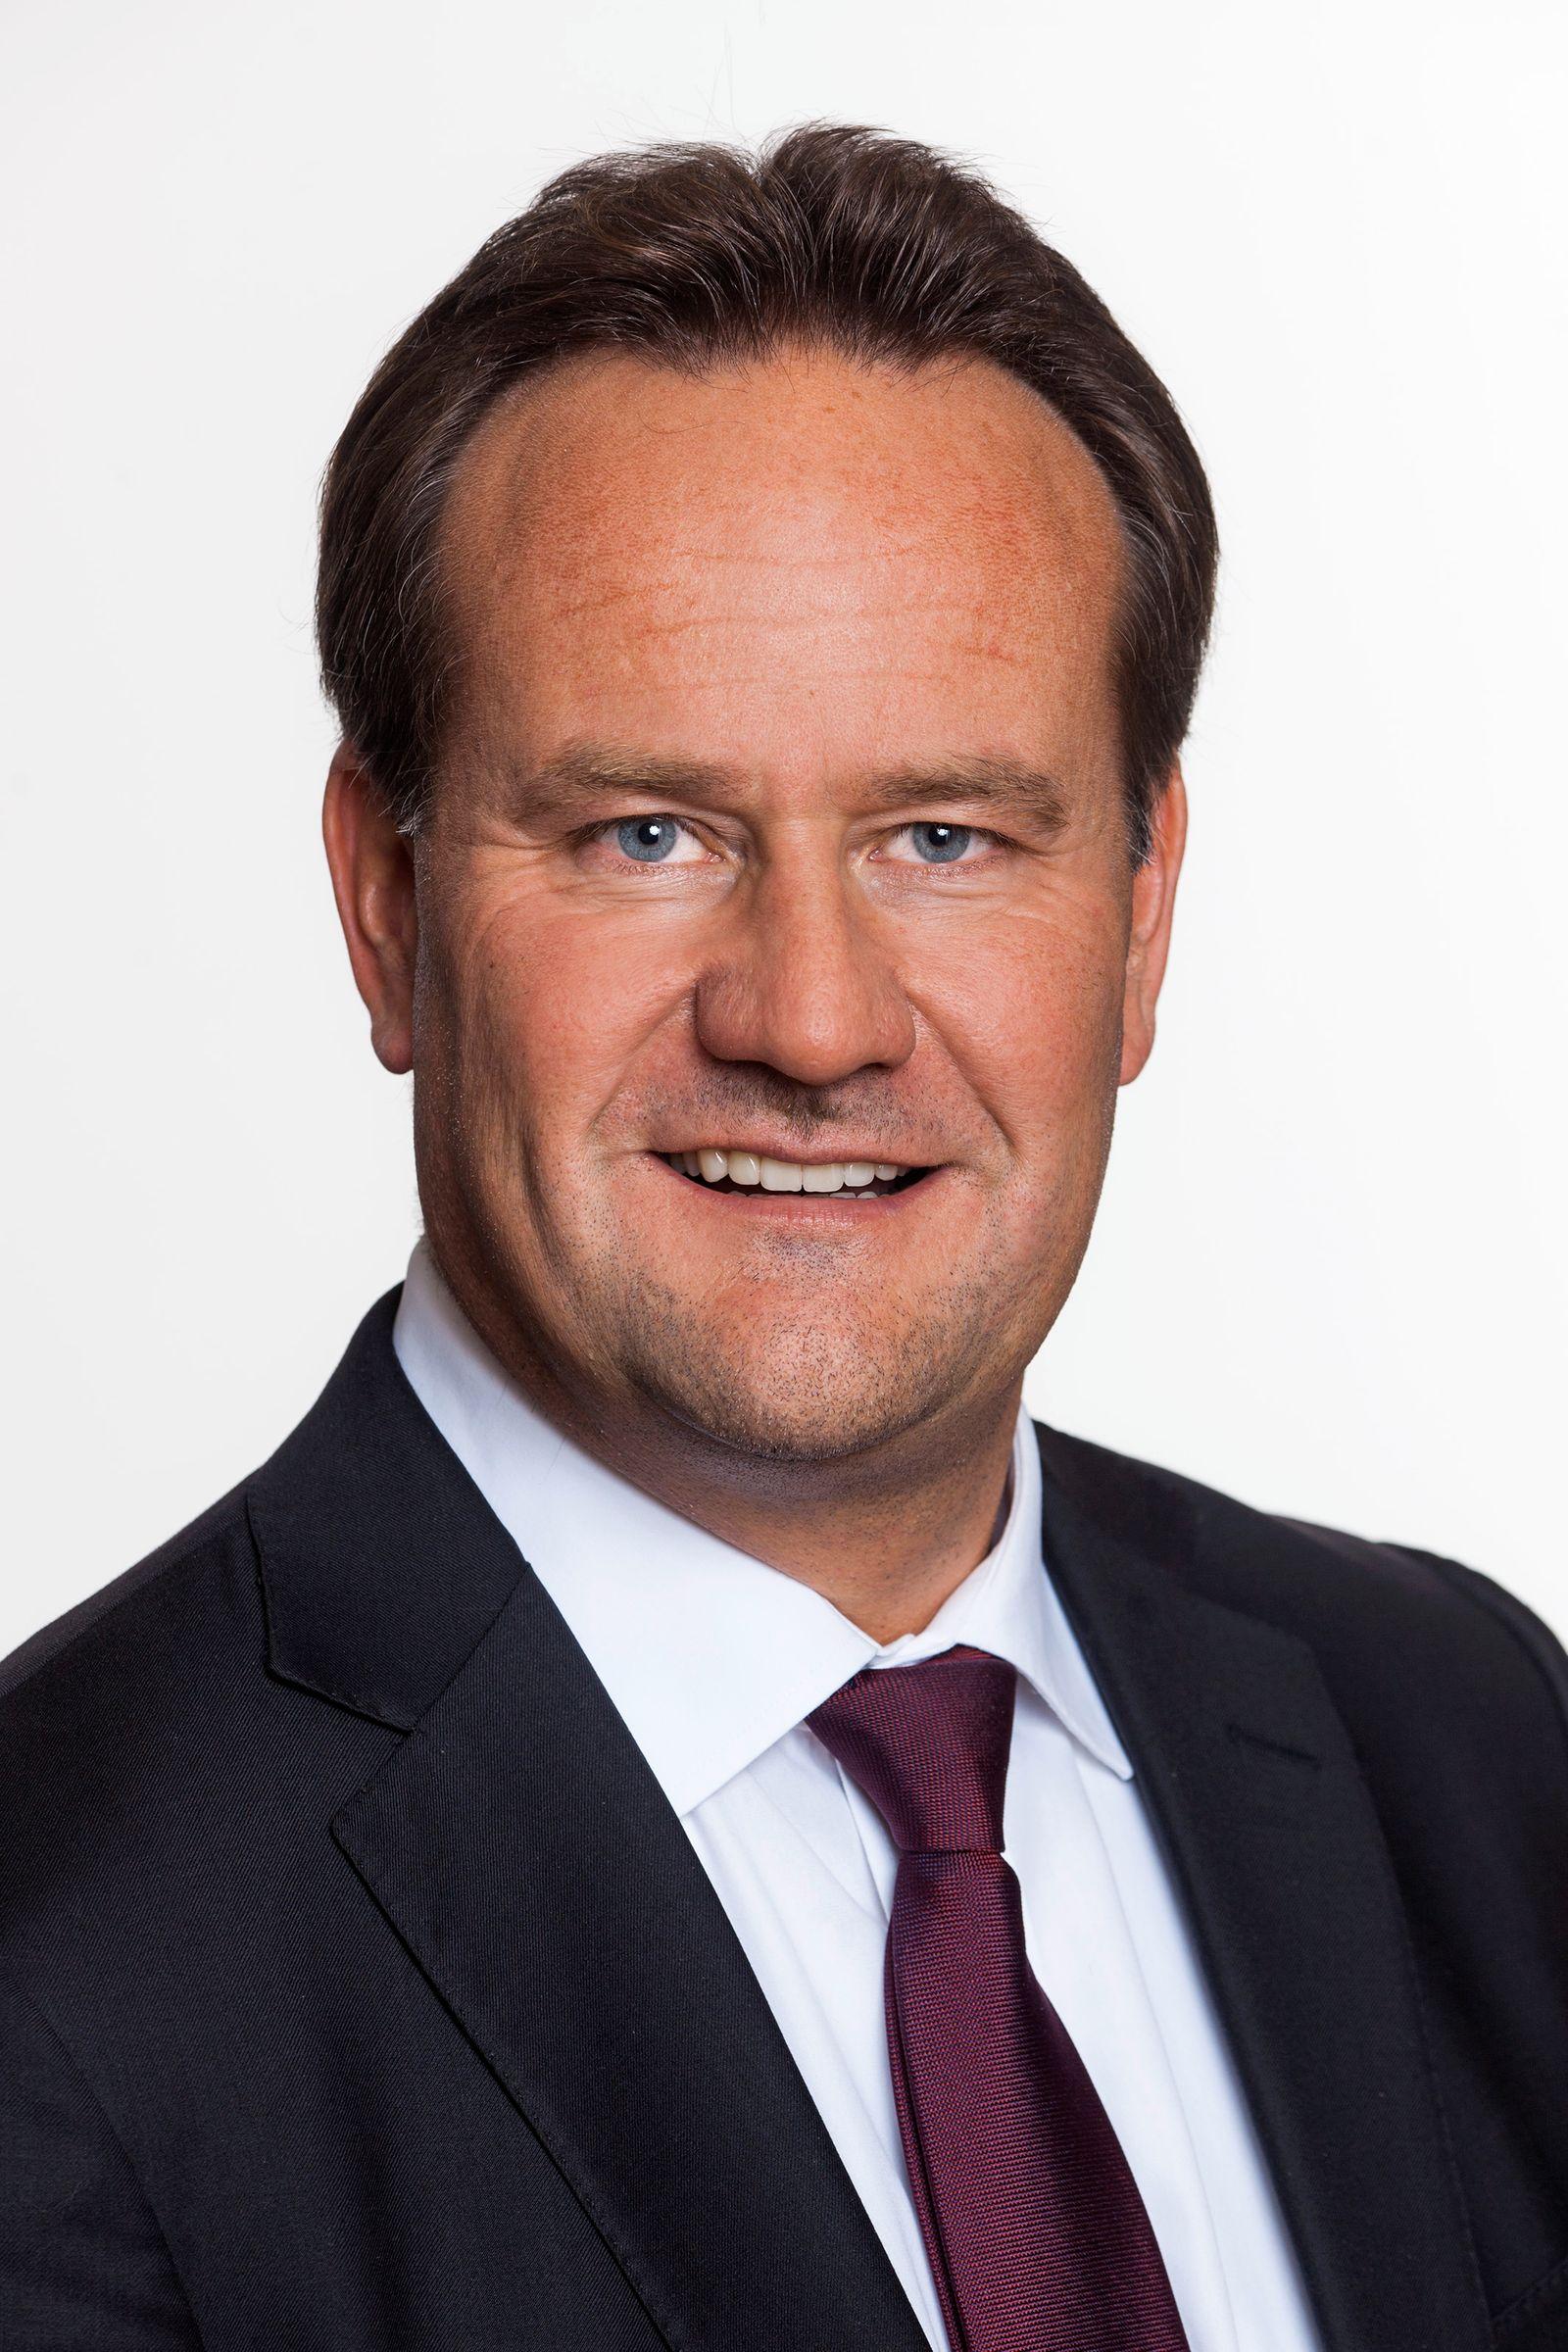 Stefan Keitel